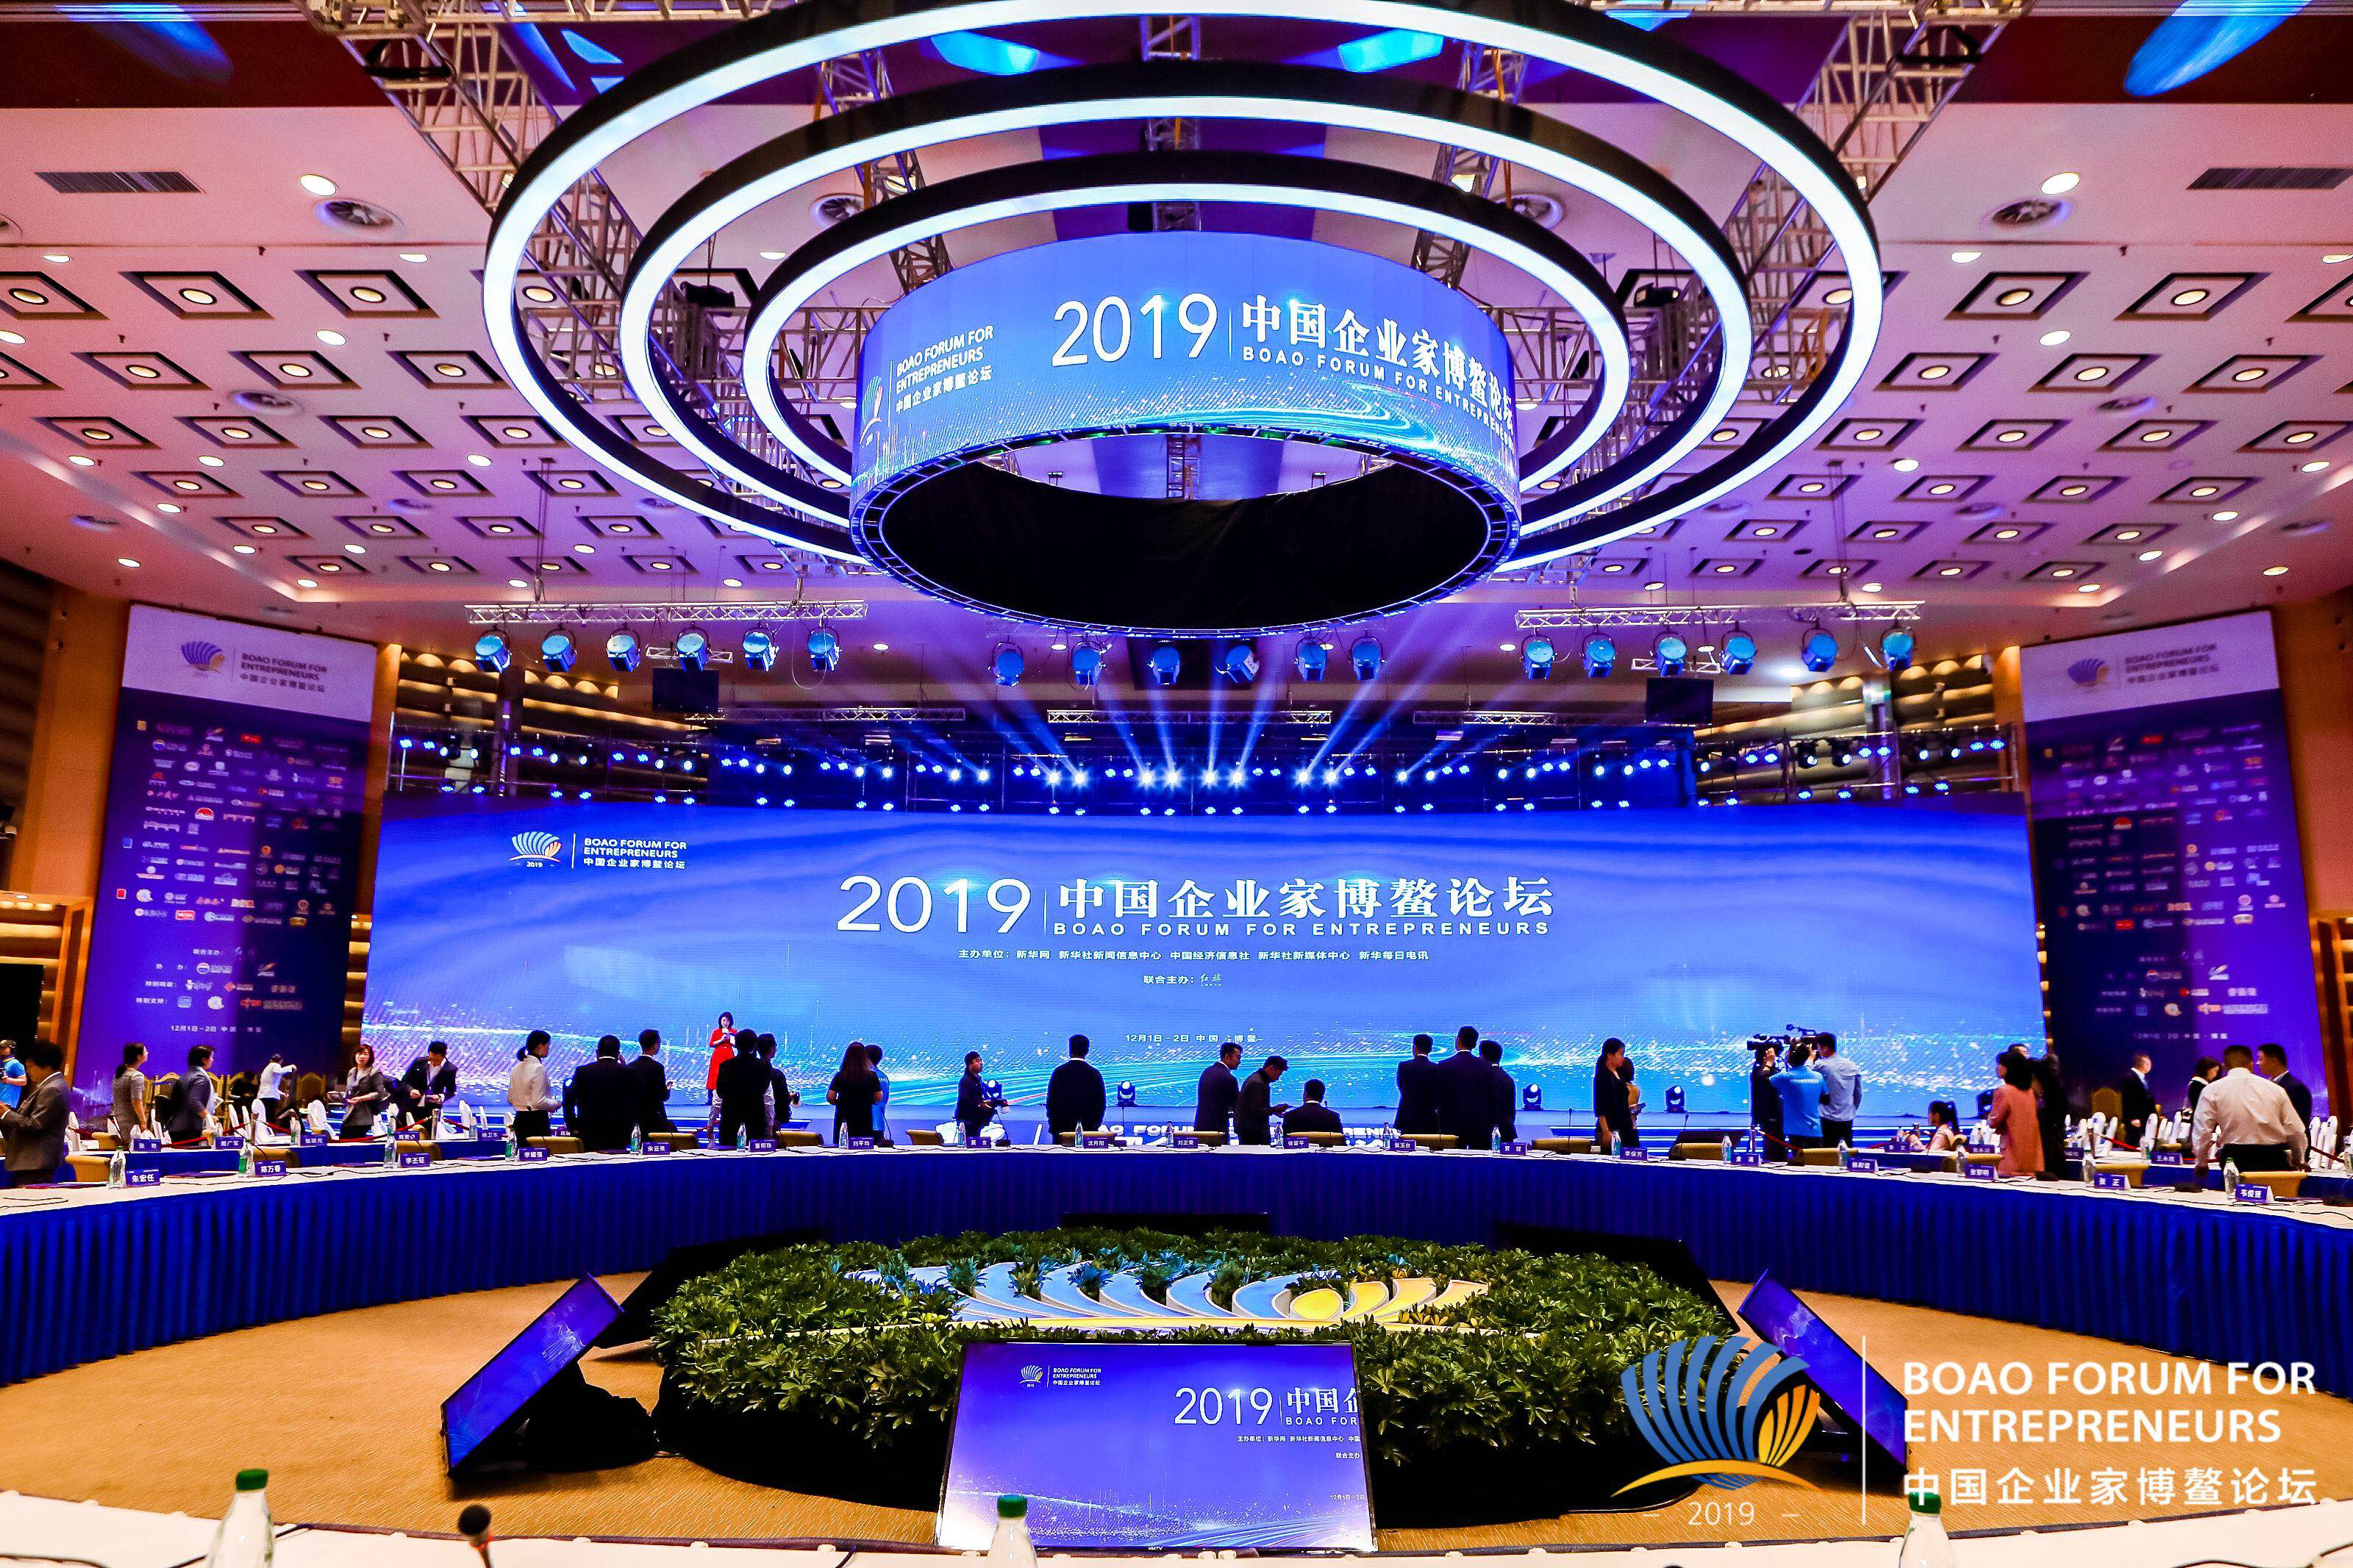 創新與高質量發展 2019中國企業家博鰲論壇